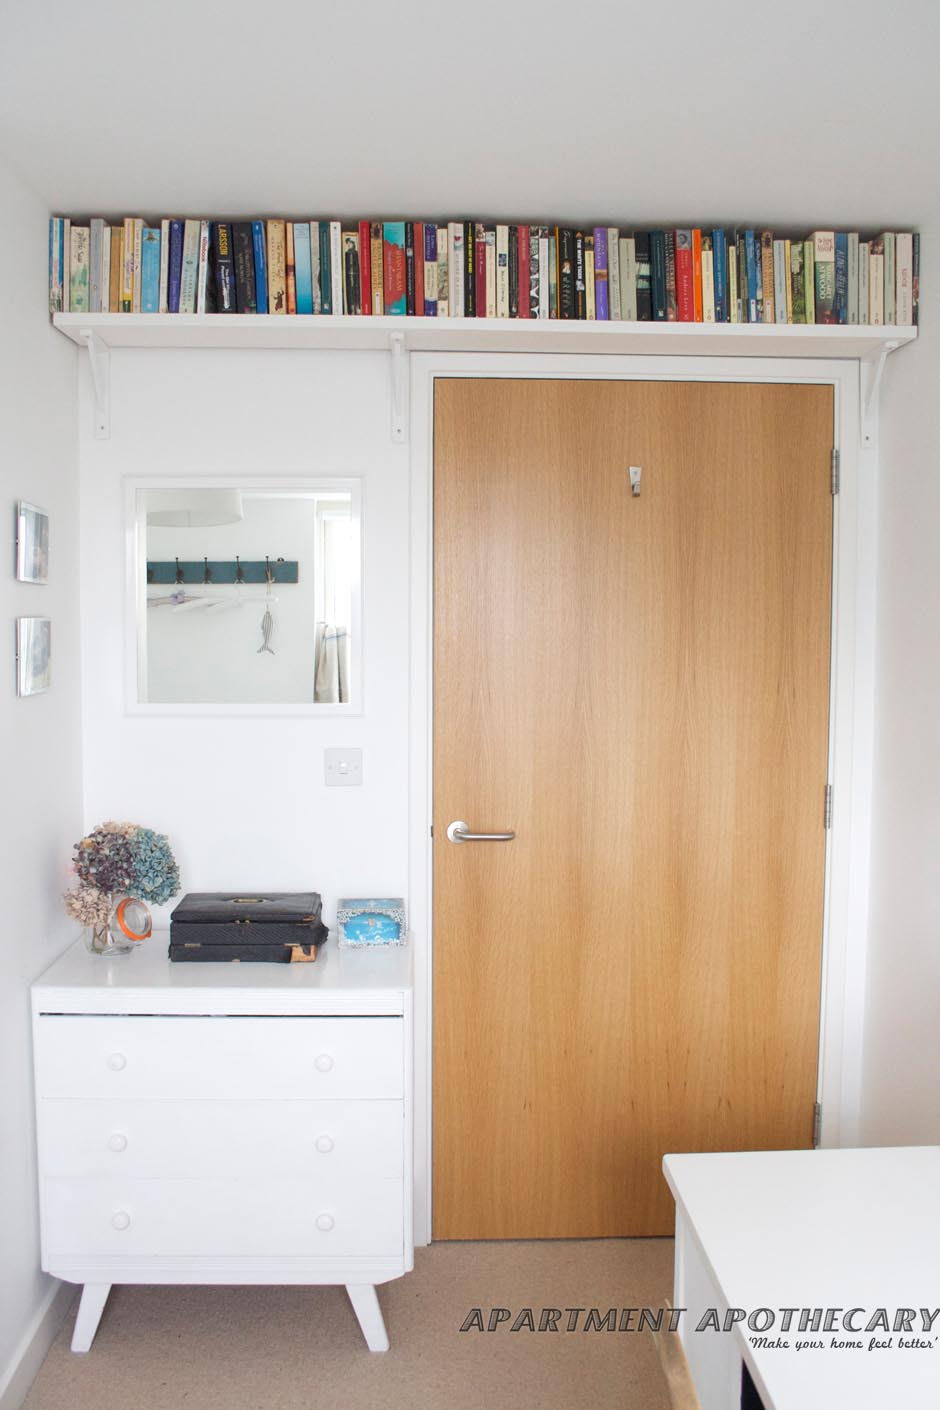 High Shelves Apartment Apothecary